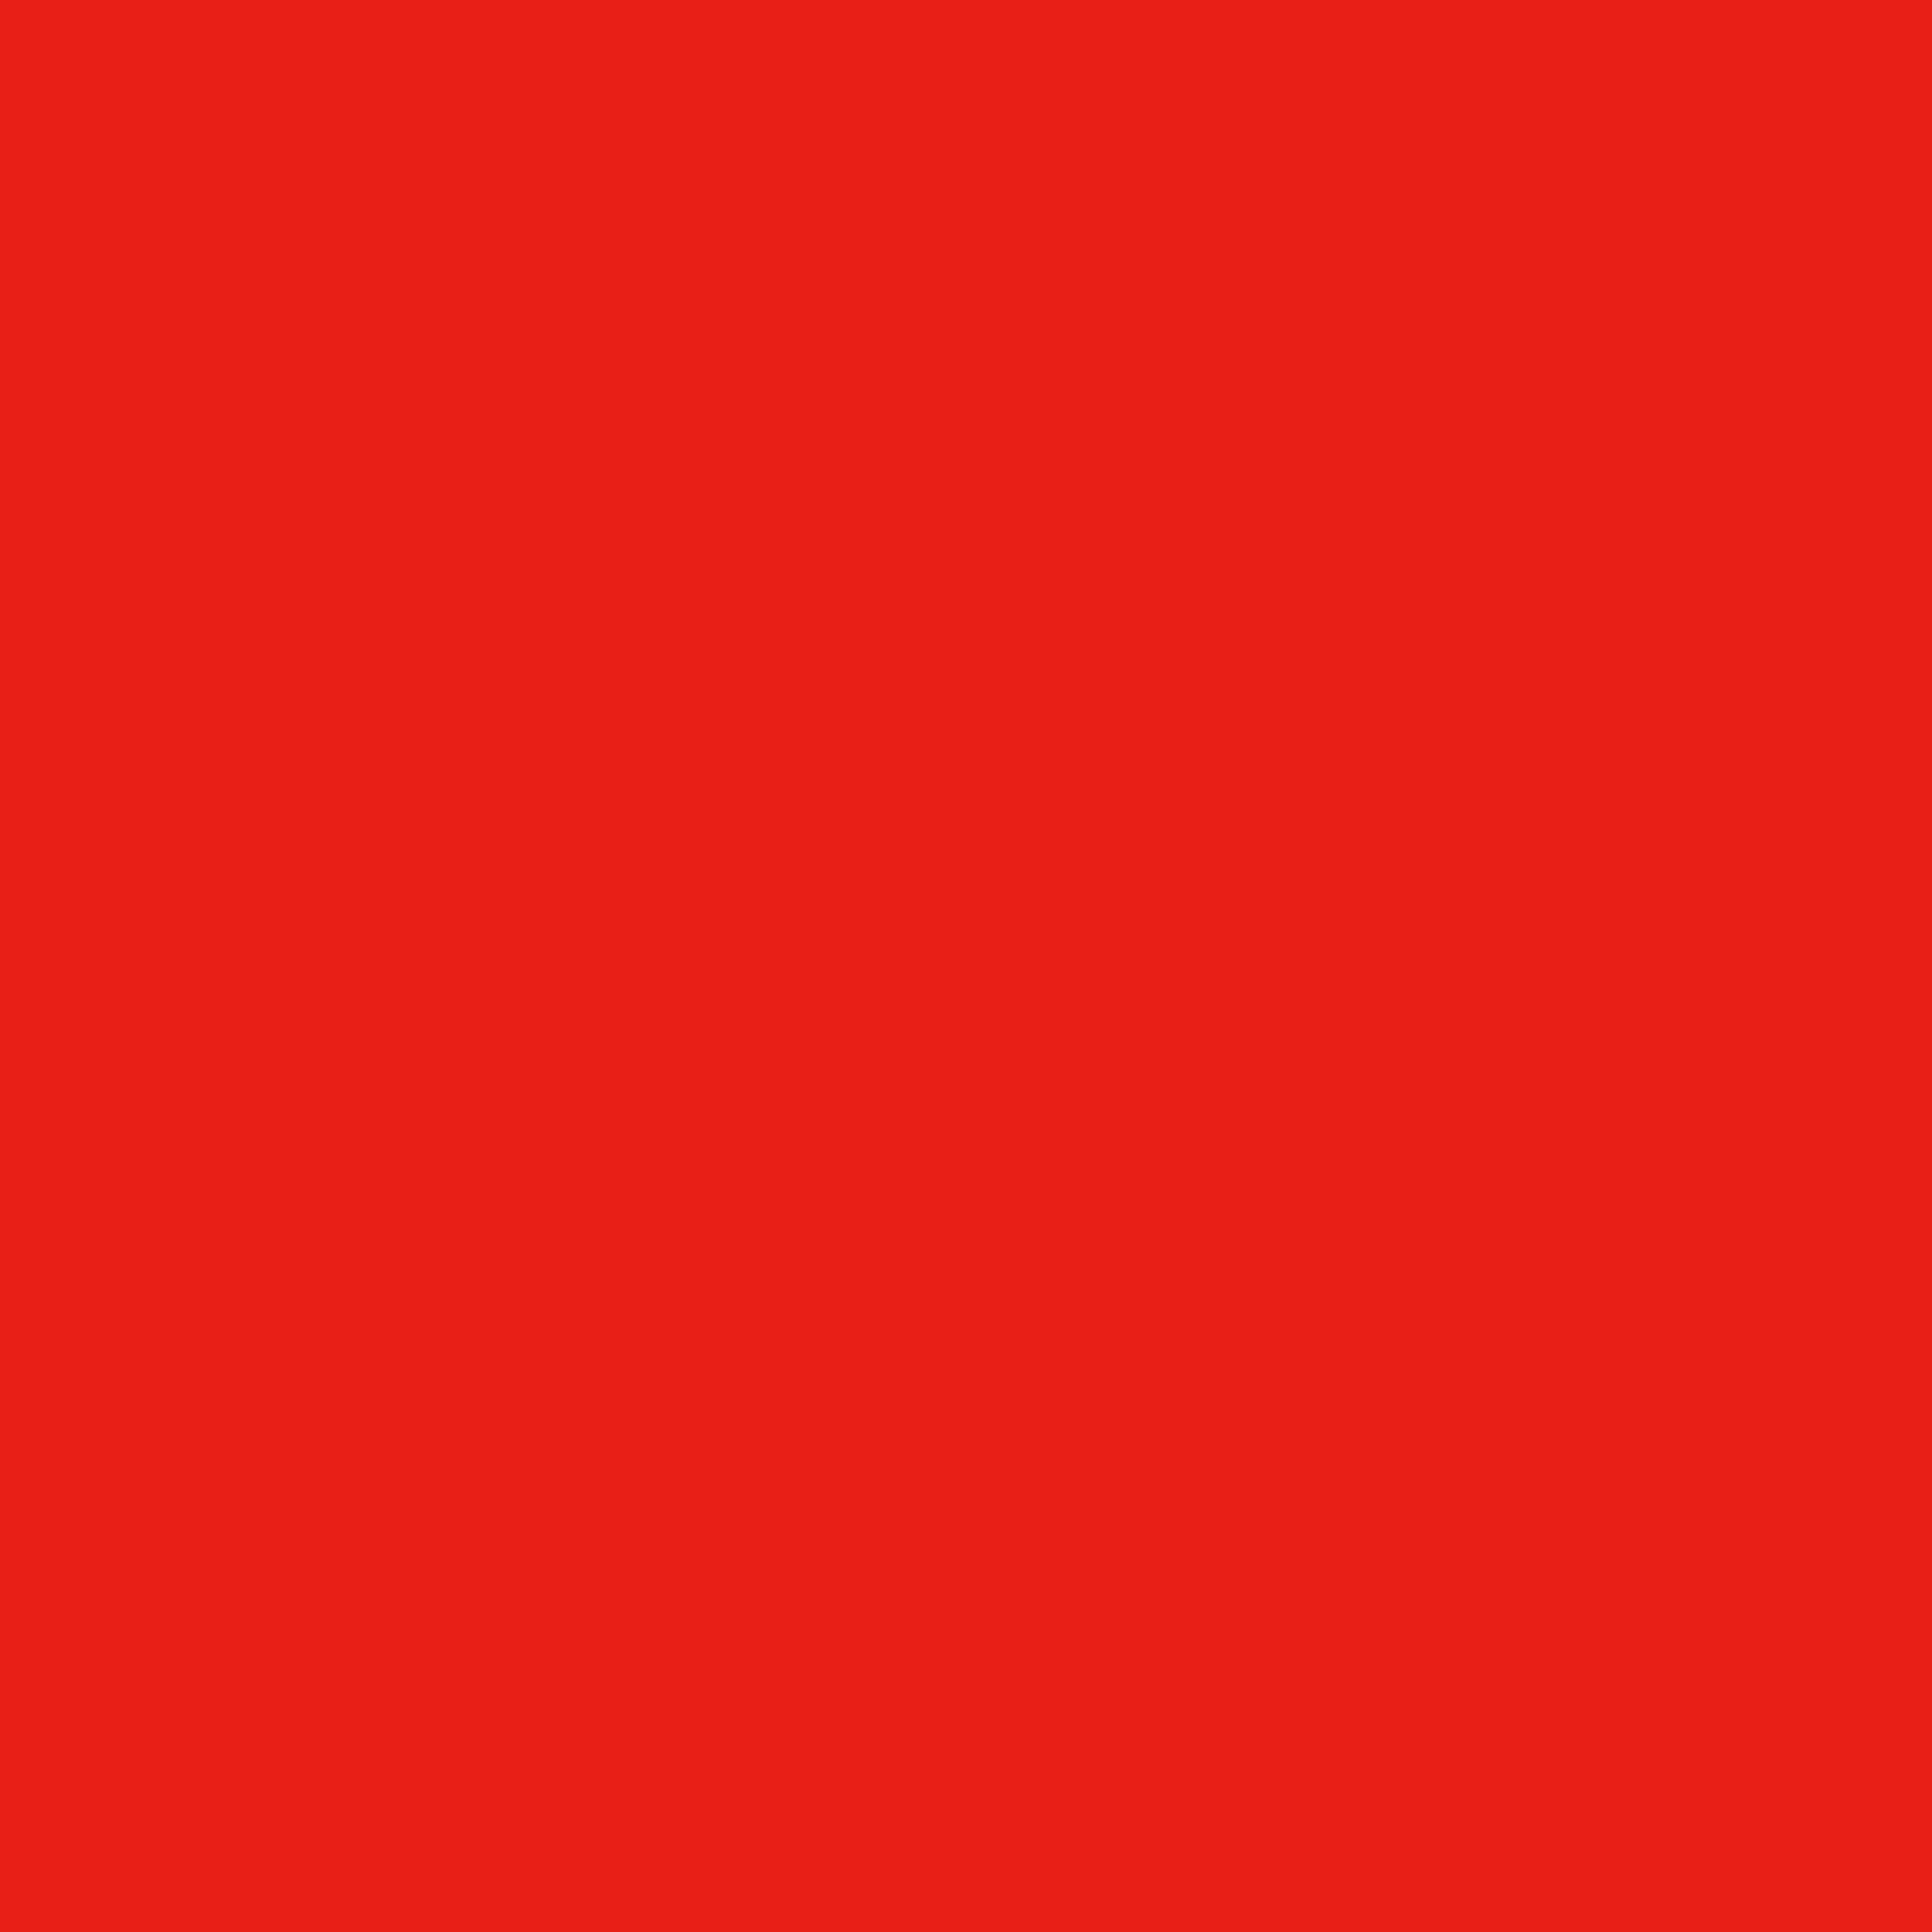 red-01.jpg